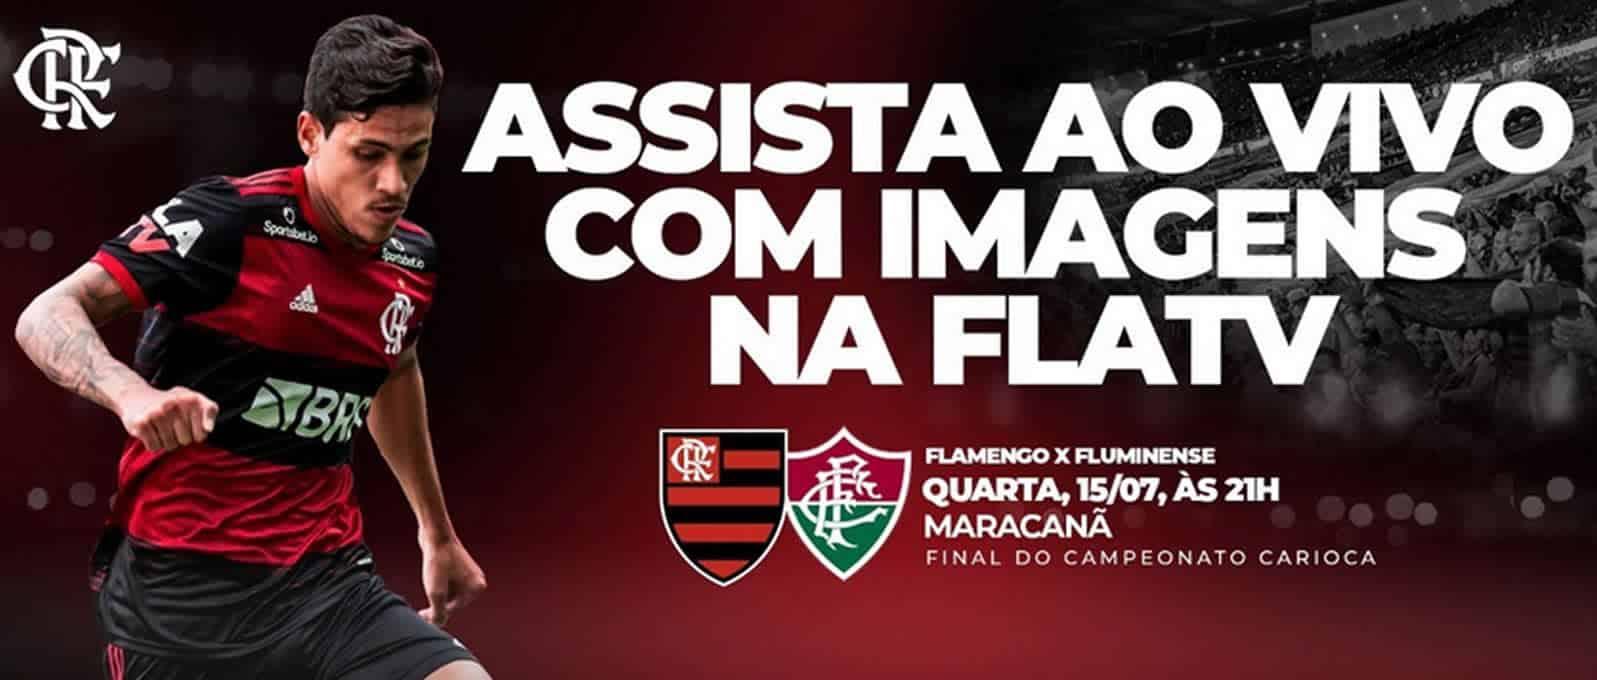 TV Flamengo irá transmitir Final do Campeonato Carioca (Ao Vivo ...